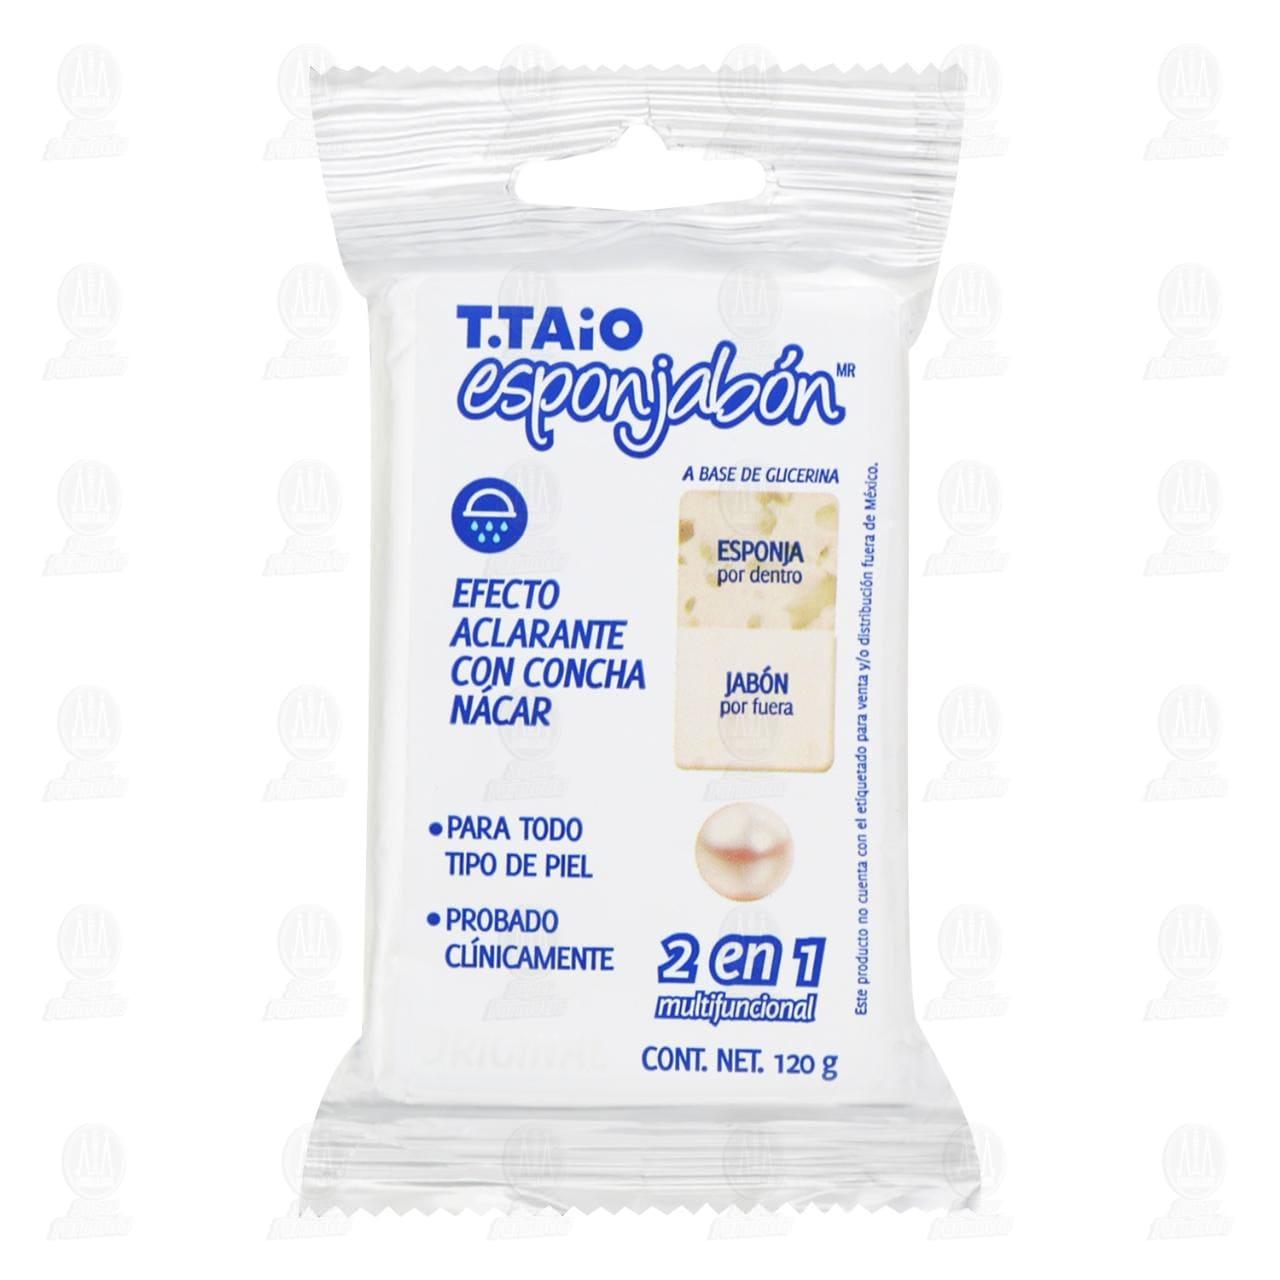 Esponjabón T.Taio Aclarante con Concha Nácar, 1 pz.